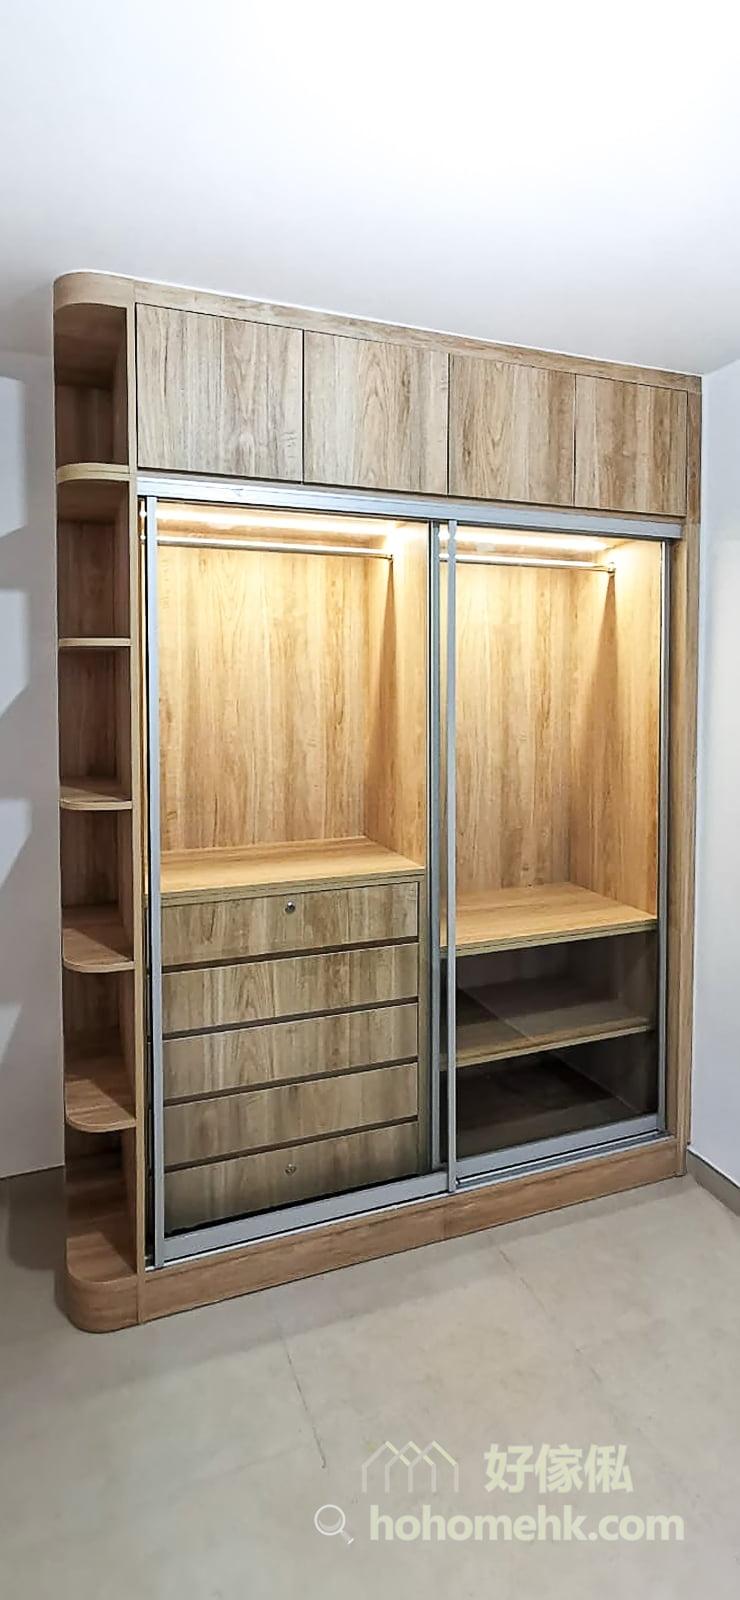 衣櫃側面的開放式層架,正好用來展示帽子、太陽眼鏡、香水等小物